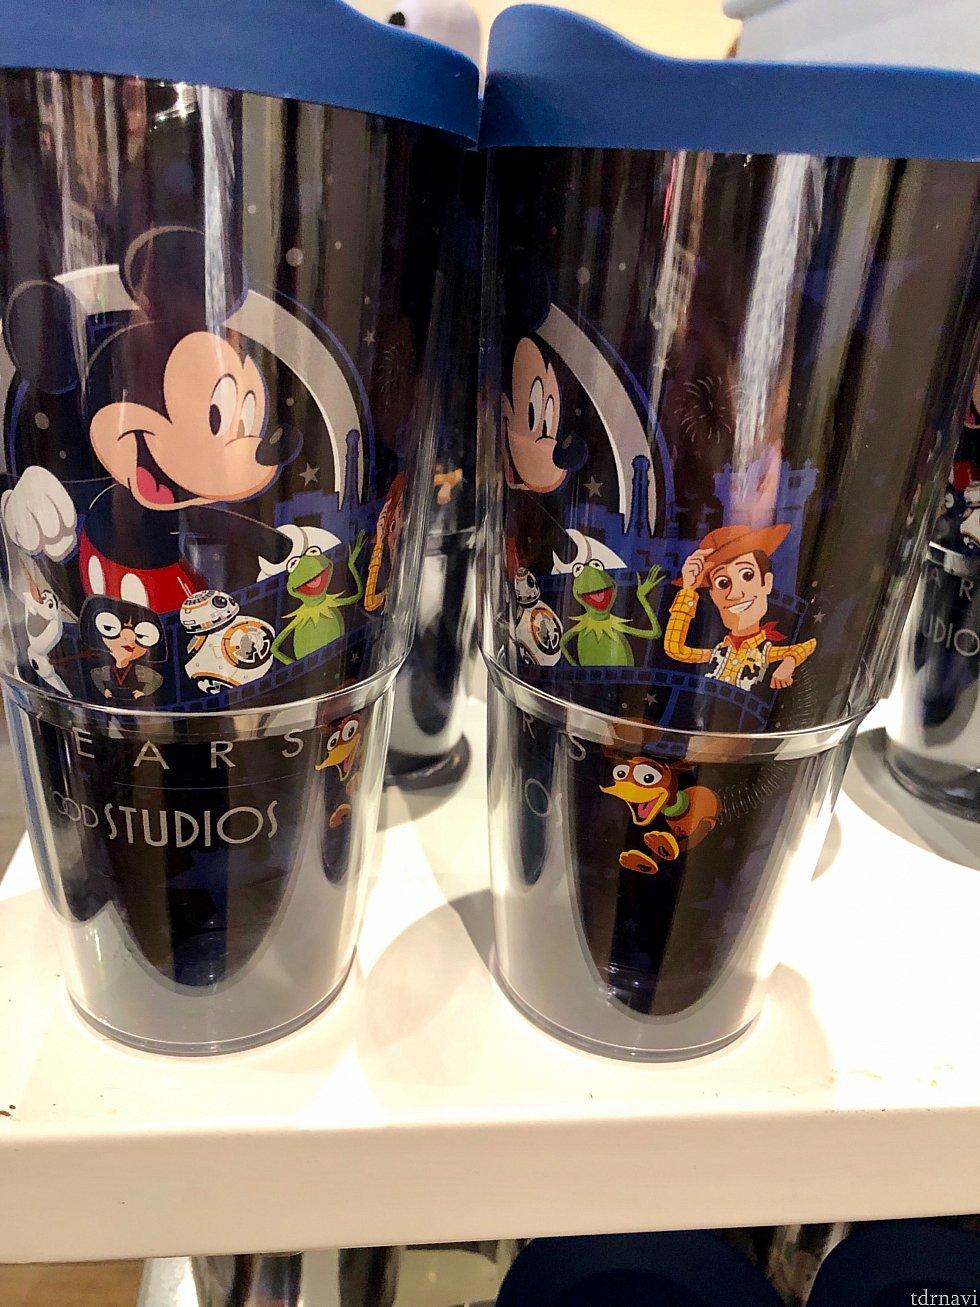 ハリウッドスタジオのアトラクションになっているキャラクター達が描かれたウォーターボトル。